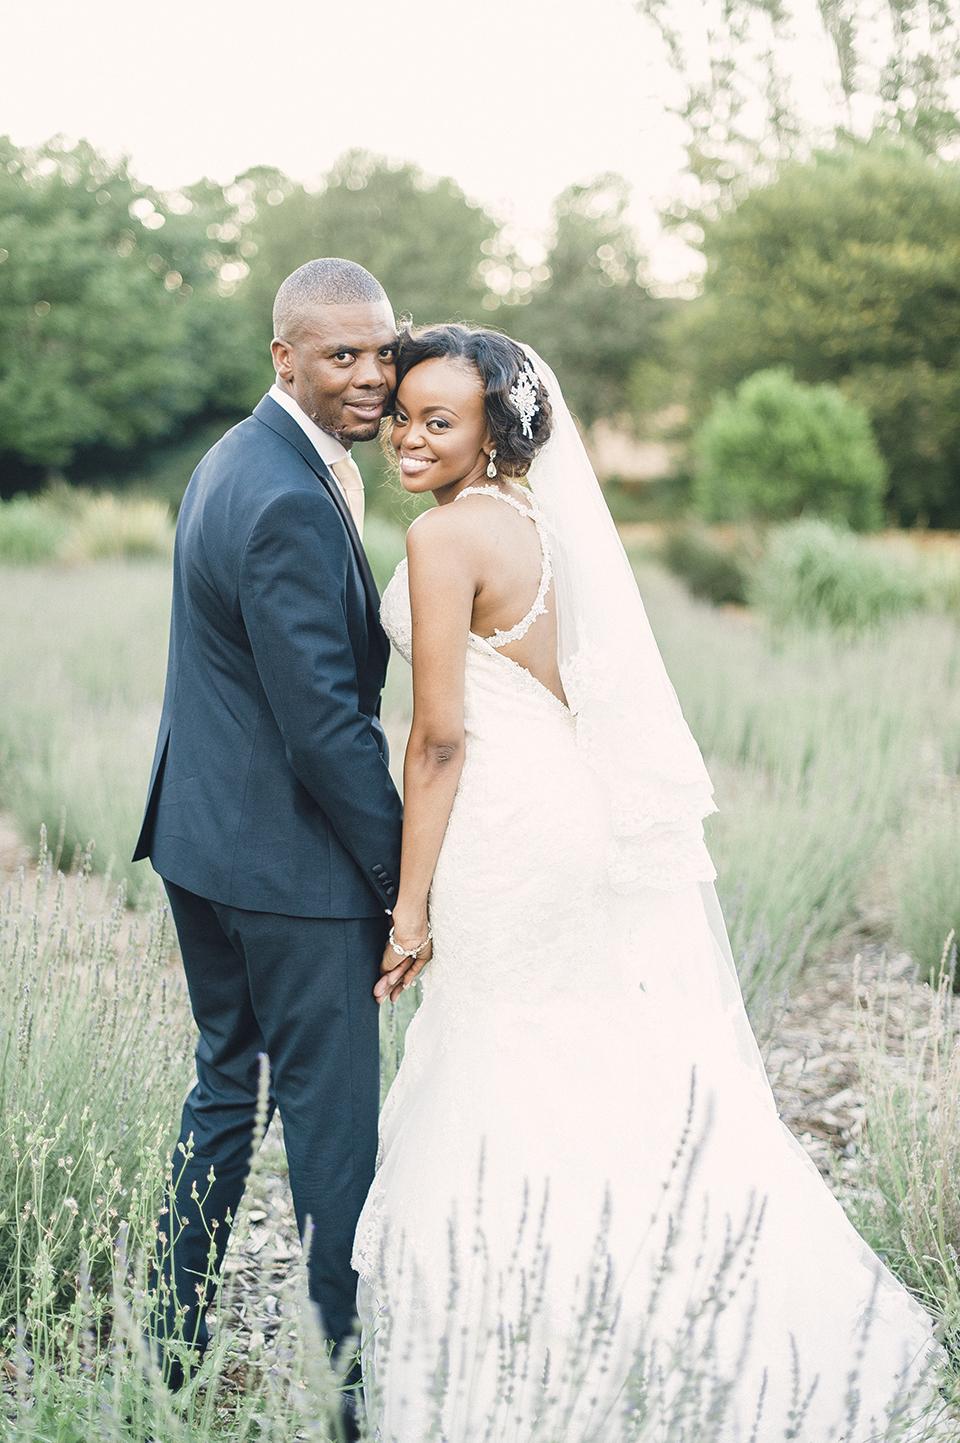 RyanParker_WeddingPhotographer_FineArt_CapeTown_Johannesburg_Hermanus_Avianto_T&L_DSC_9269.jpg